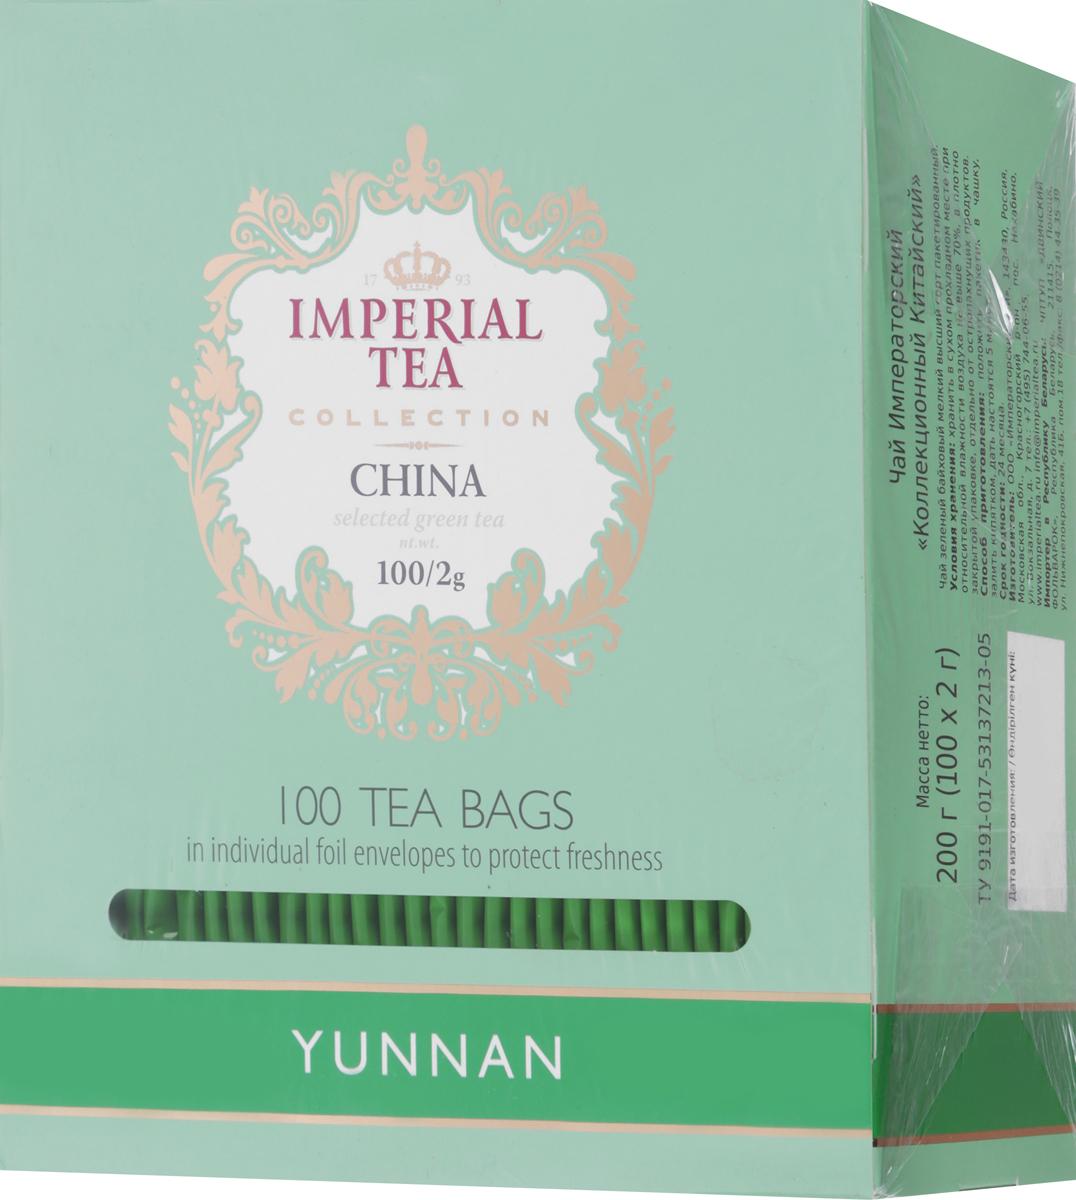 Императорский чай Collection Юньнань, 100 шт50-262Плантации одного из знаменитых Императорских сортов китайского зеленого чая расположены на горных склонах провинции Юньнань. Для этого чая характерна крупная, хорошо скрученная форма листочков, тонкий аромат с оттенком китайского каштана и немного терпкий вкус, напоминающий мускатный виноград.Всё о чае: сорта, факты, советы по выбору и употреблению. Статья OZON Гид